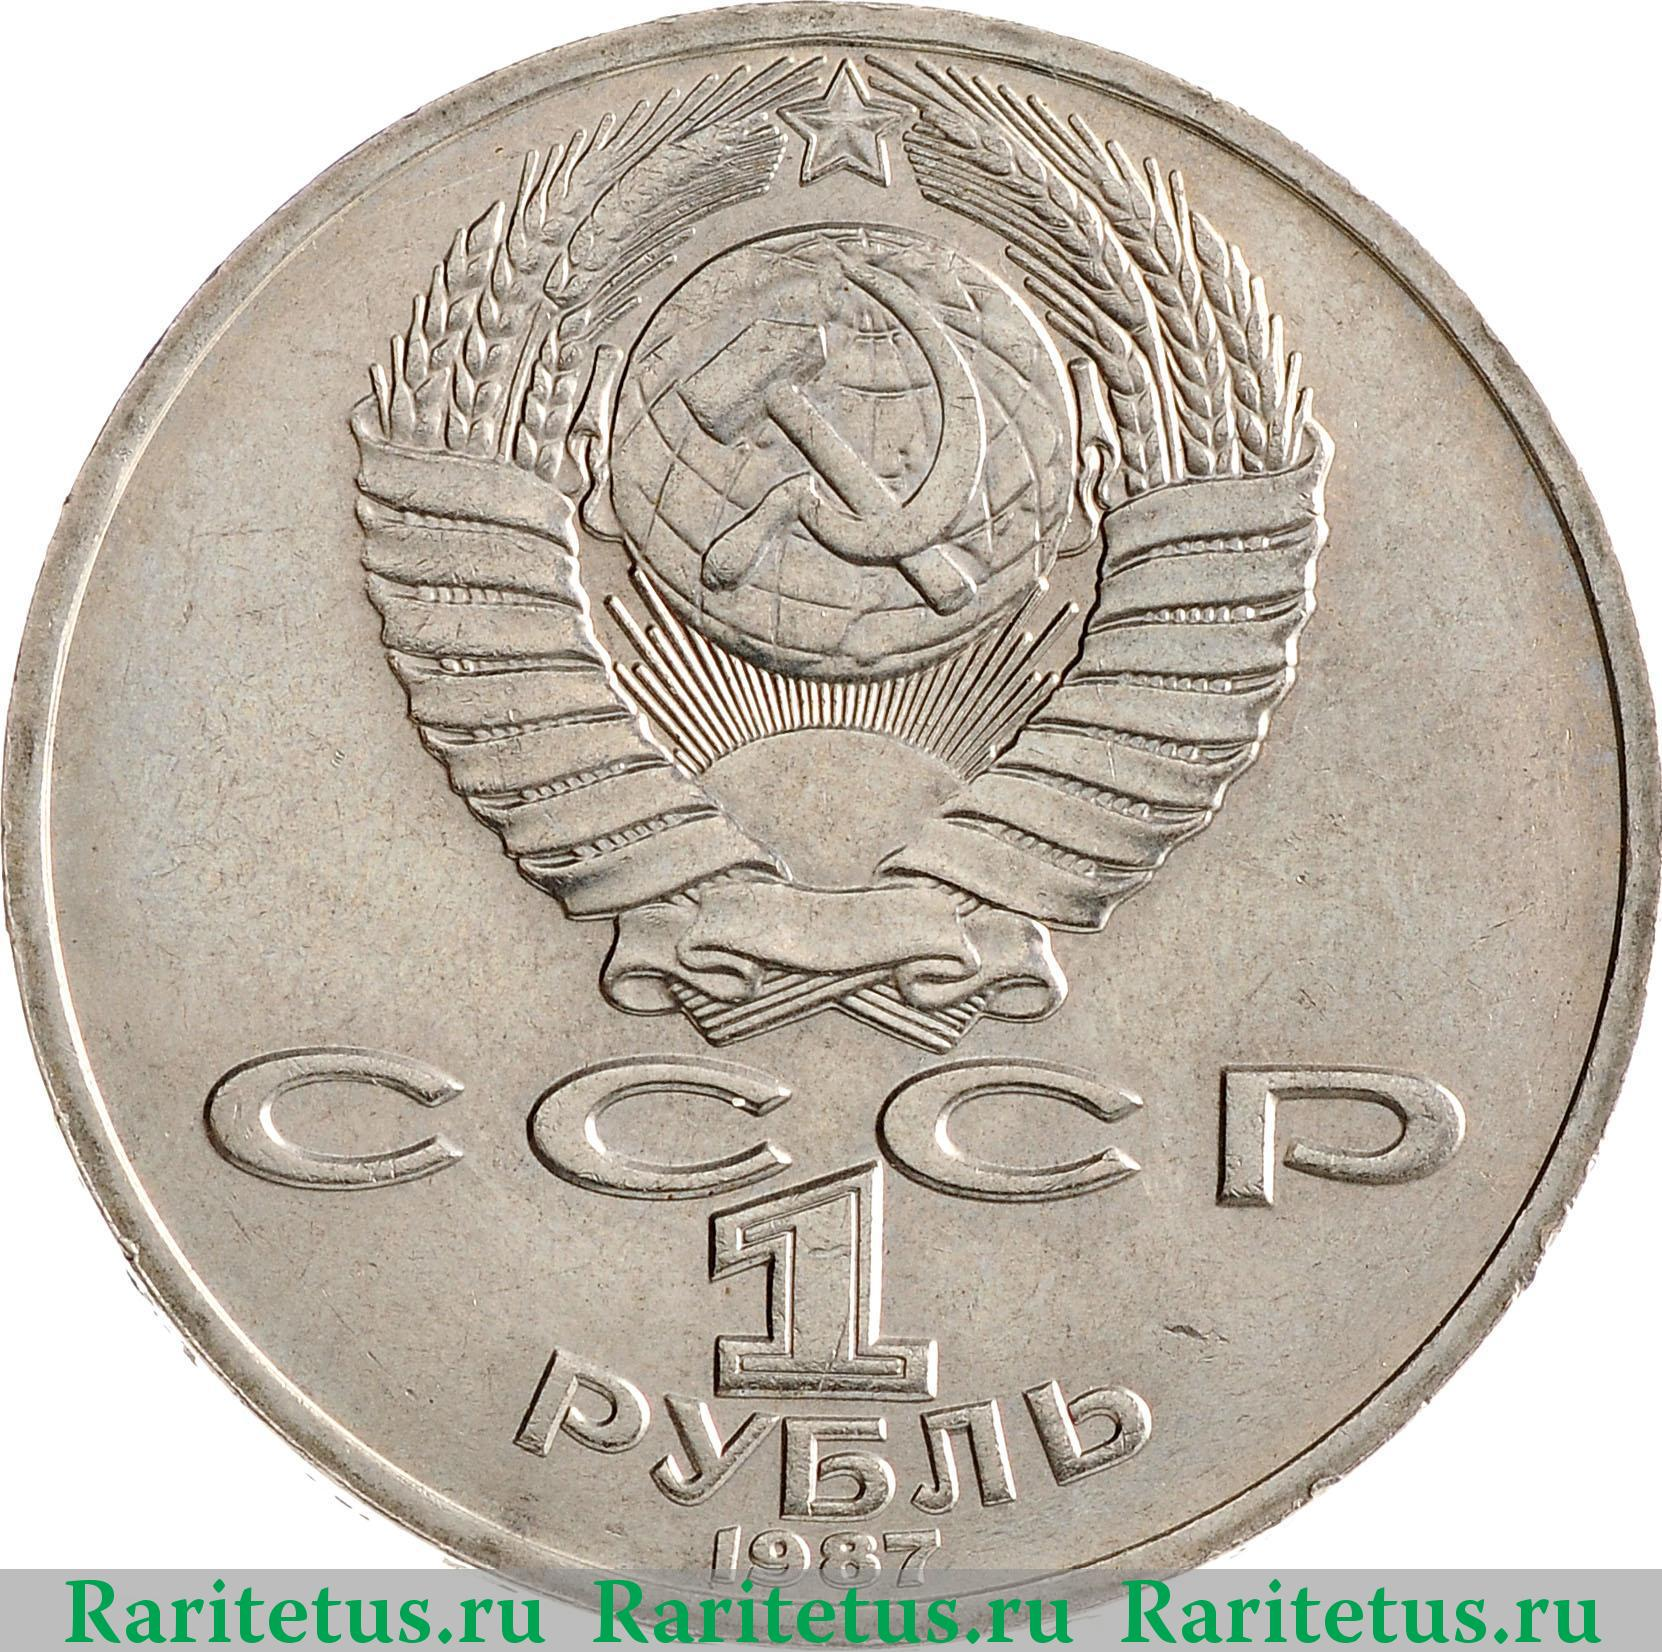 сколько стоит монета quarter dollar